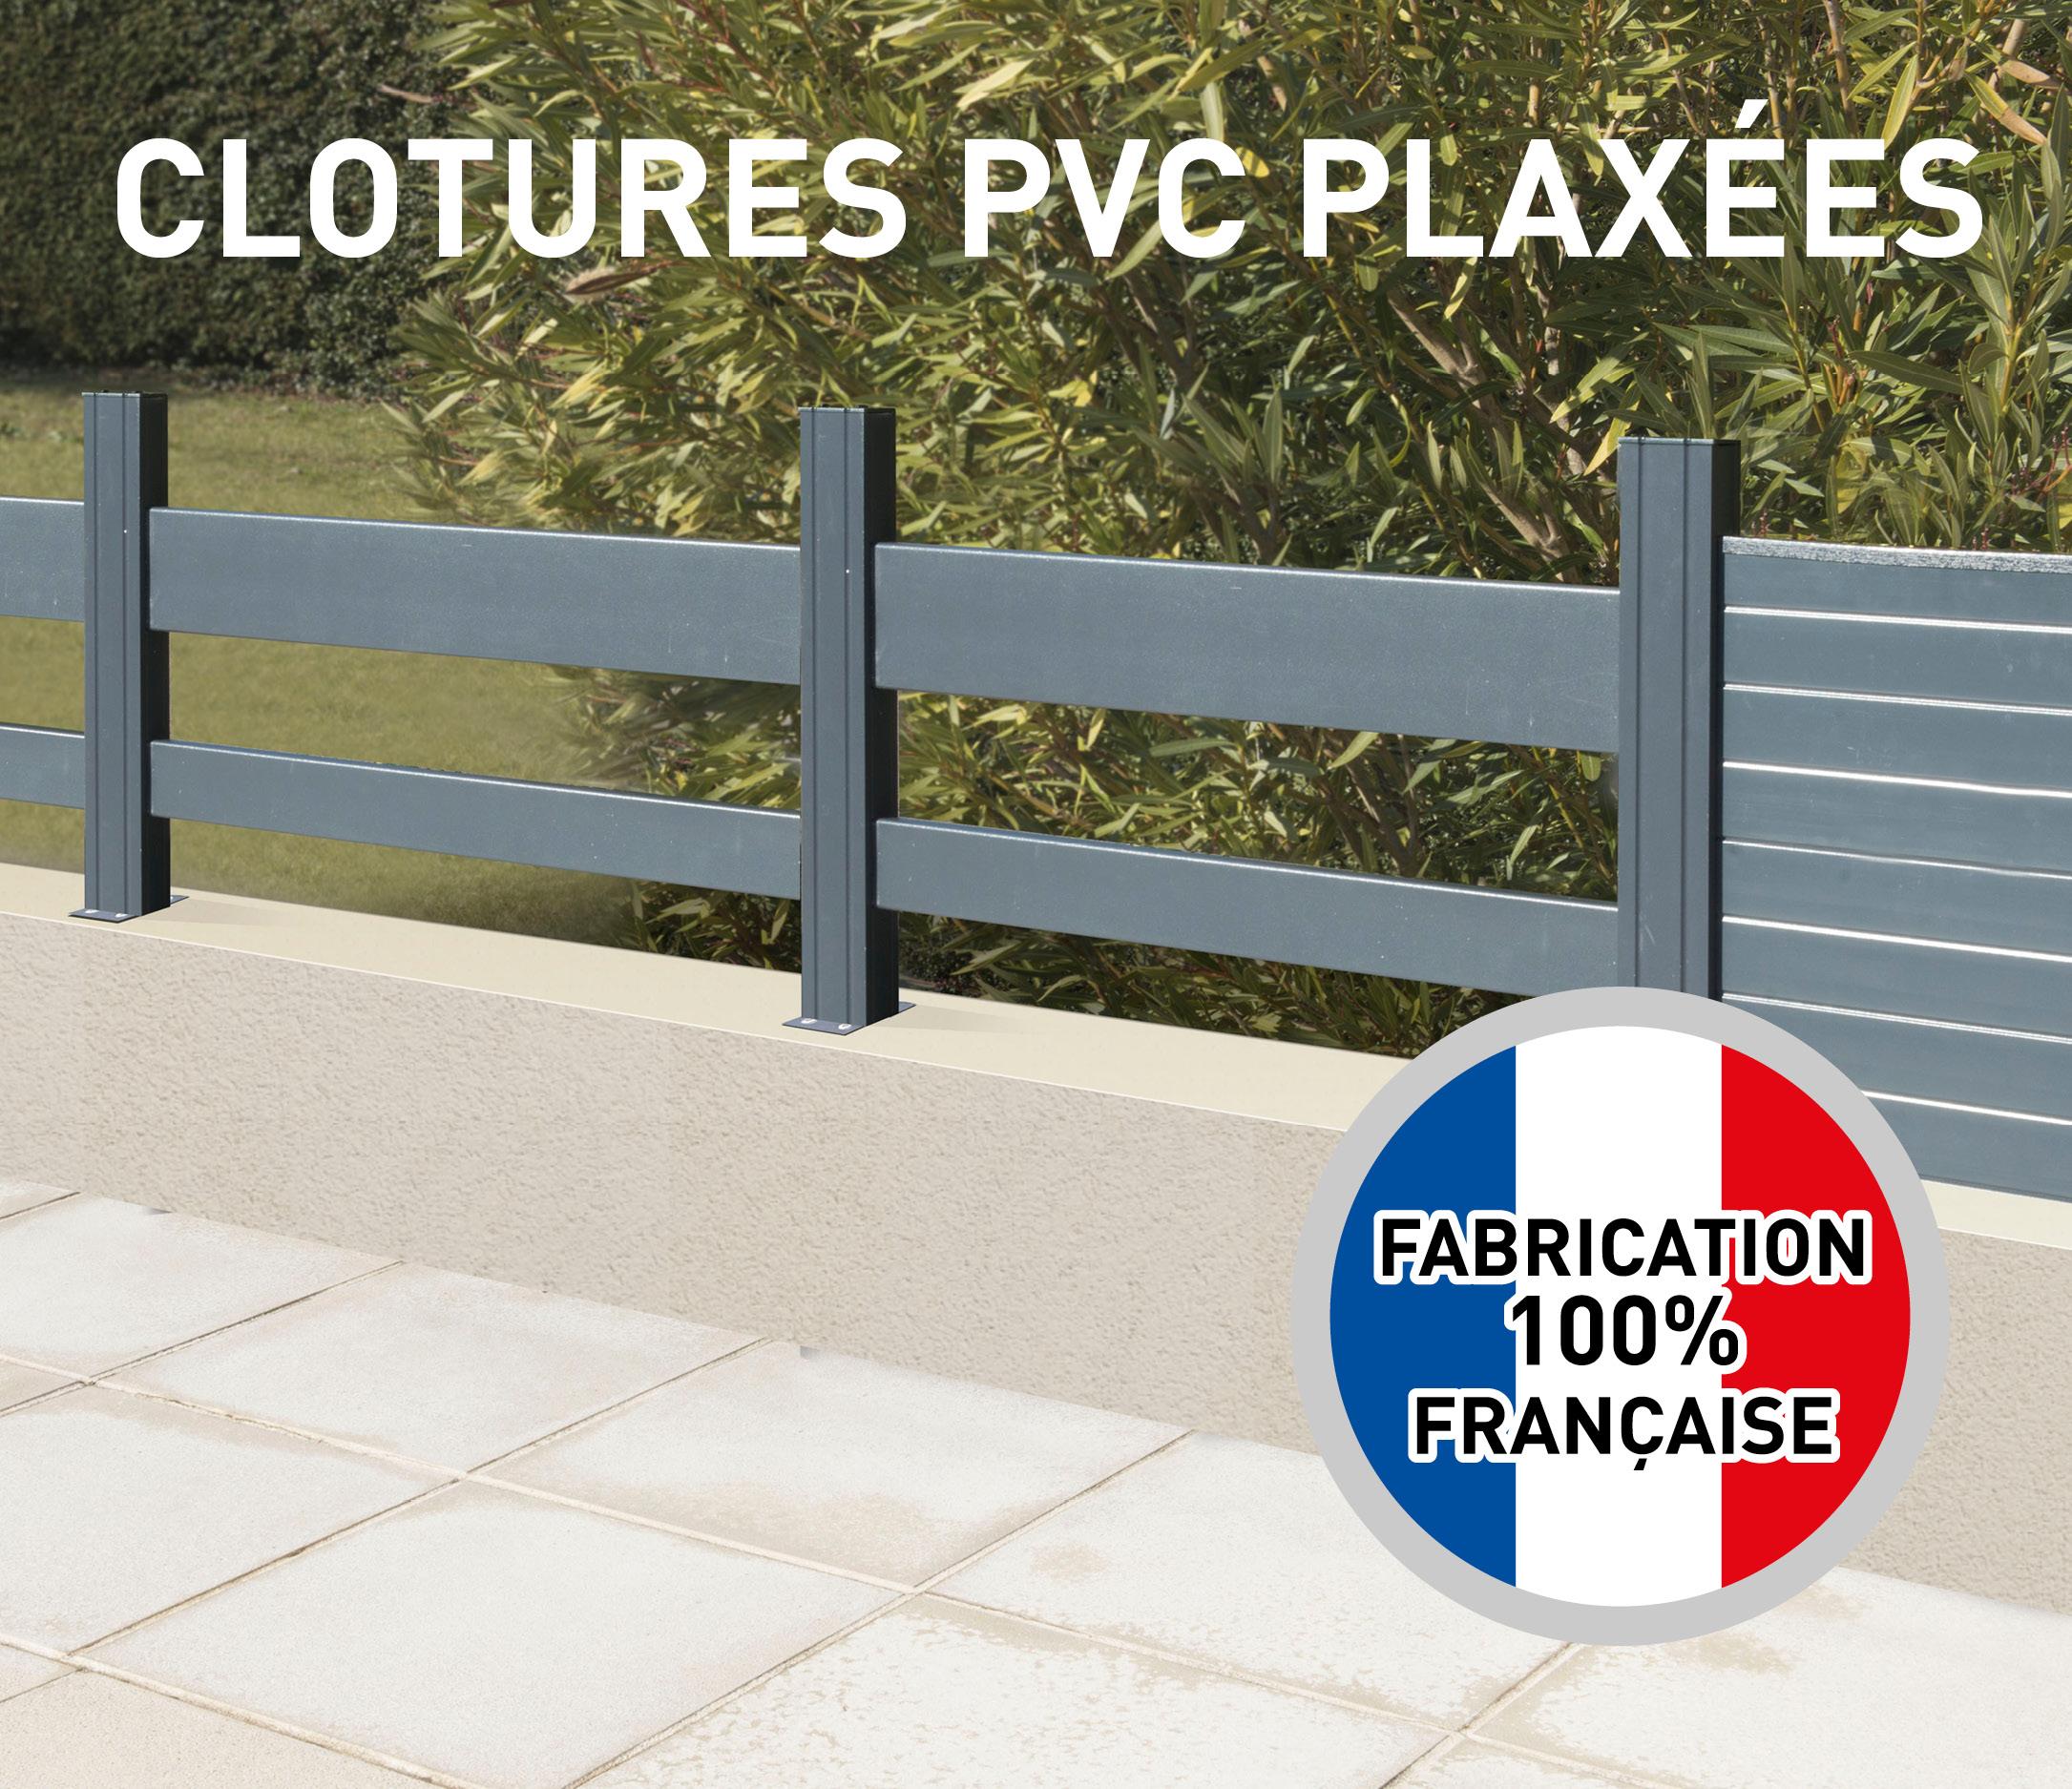 picto clotures pvc 2021.jpg